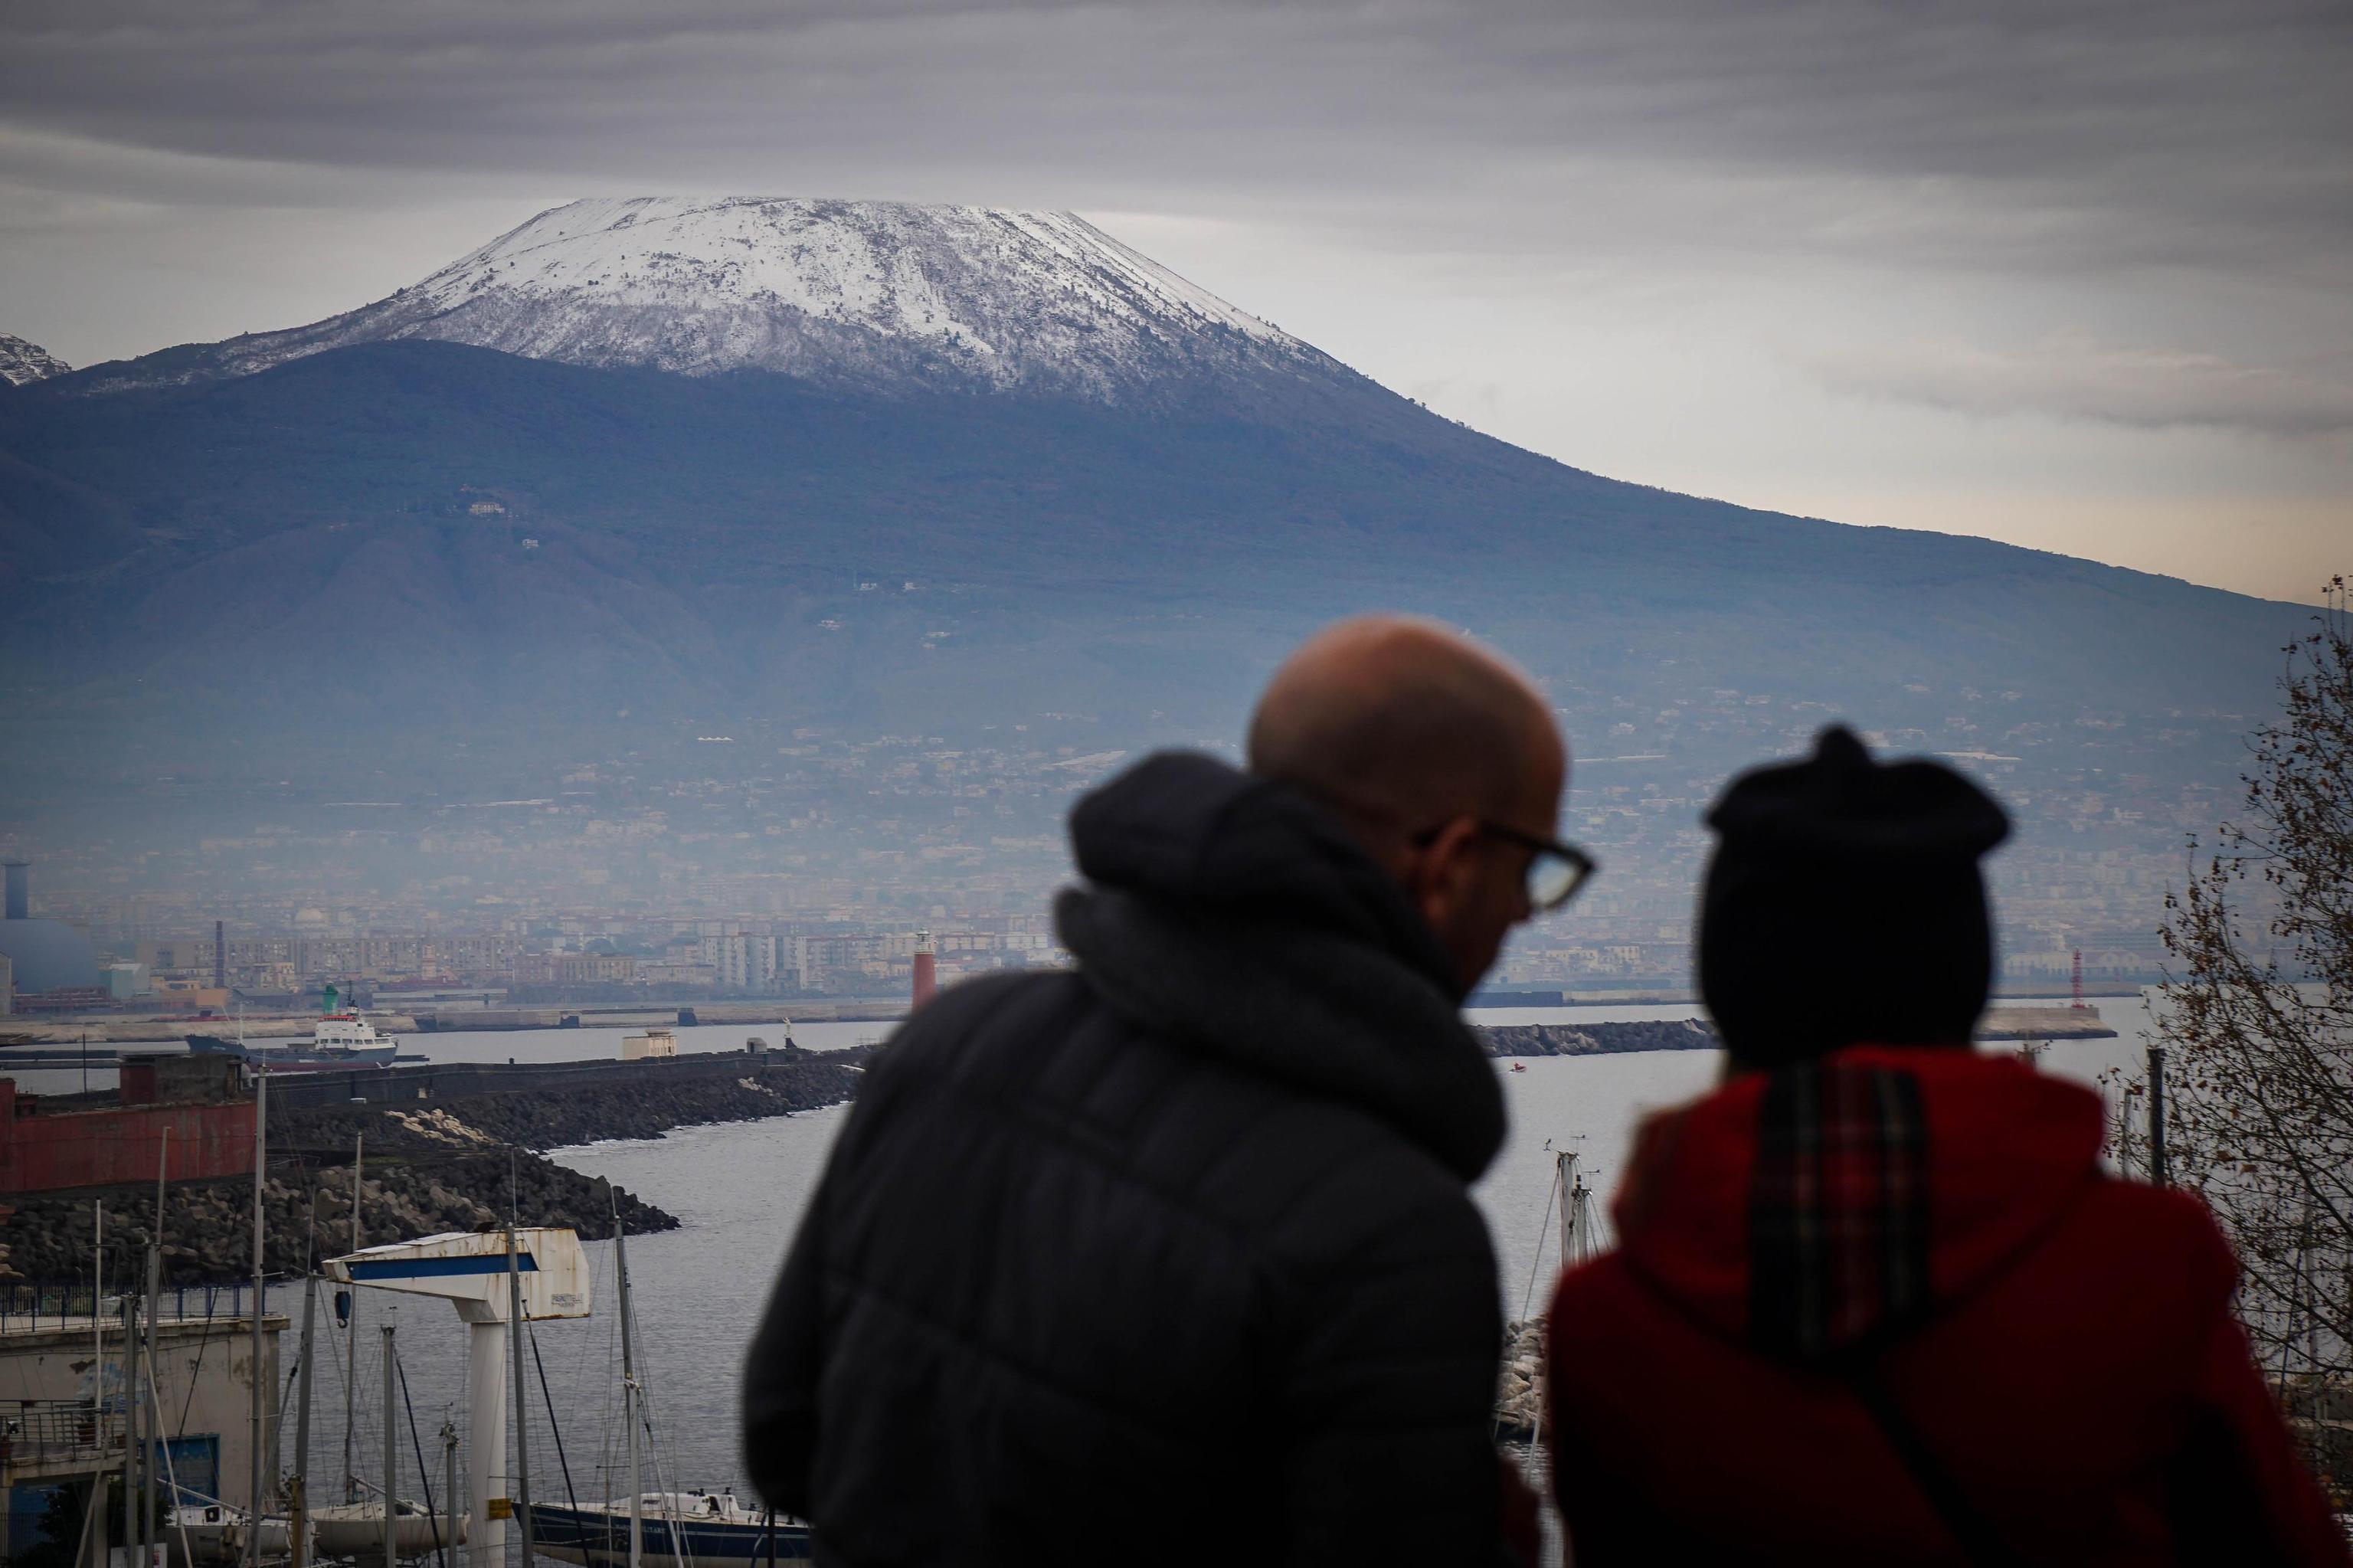 Vesuvio innevato, temperature in calo